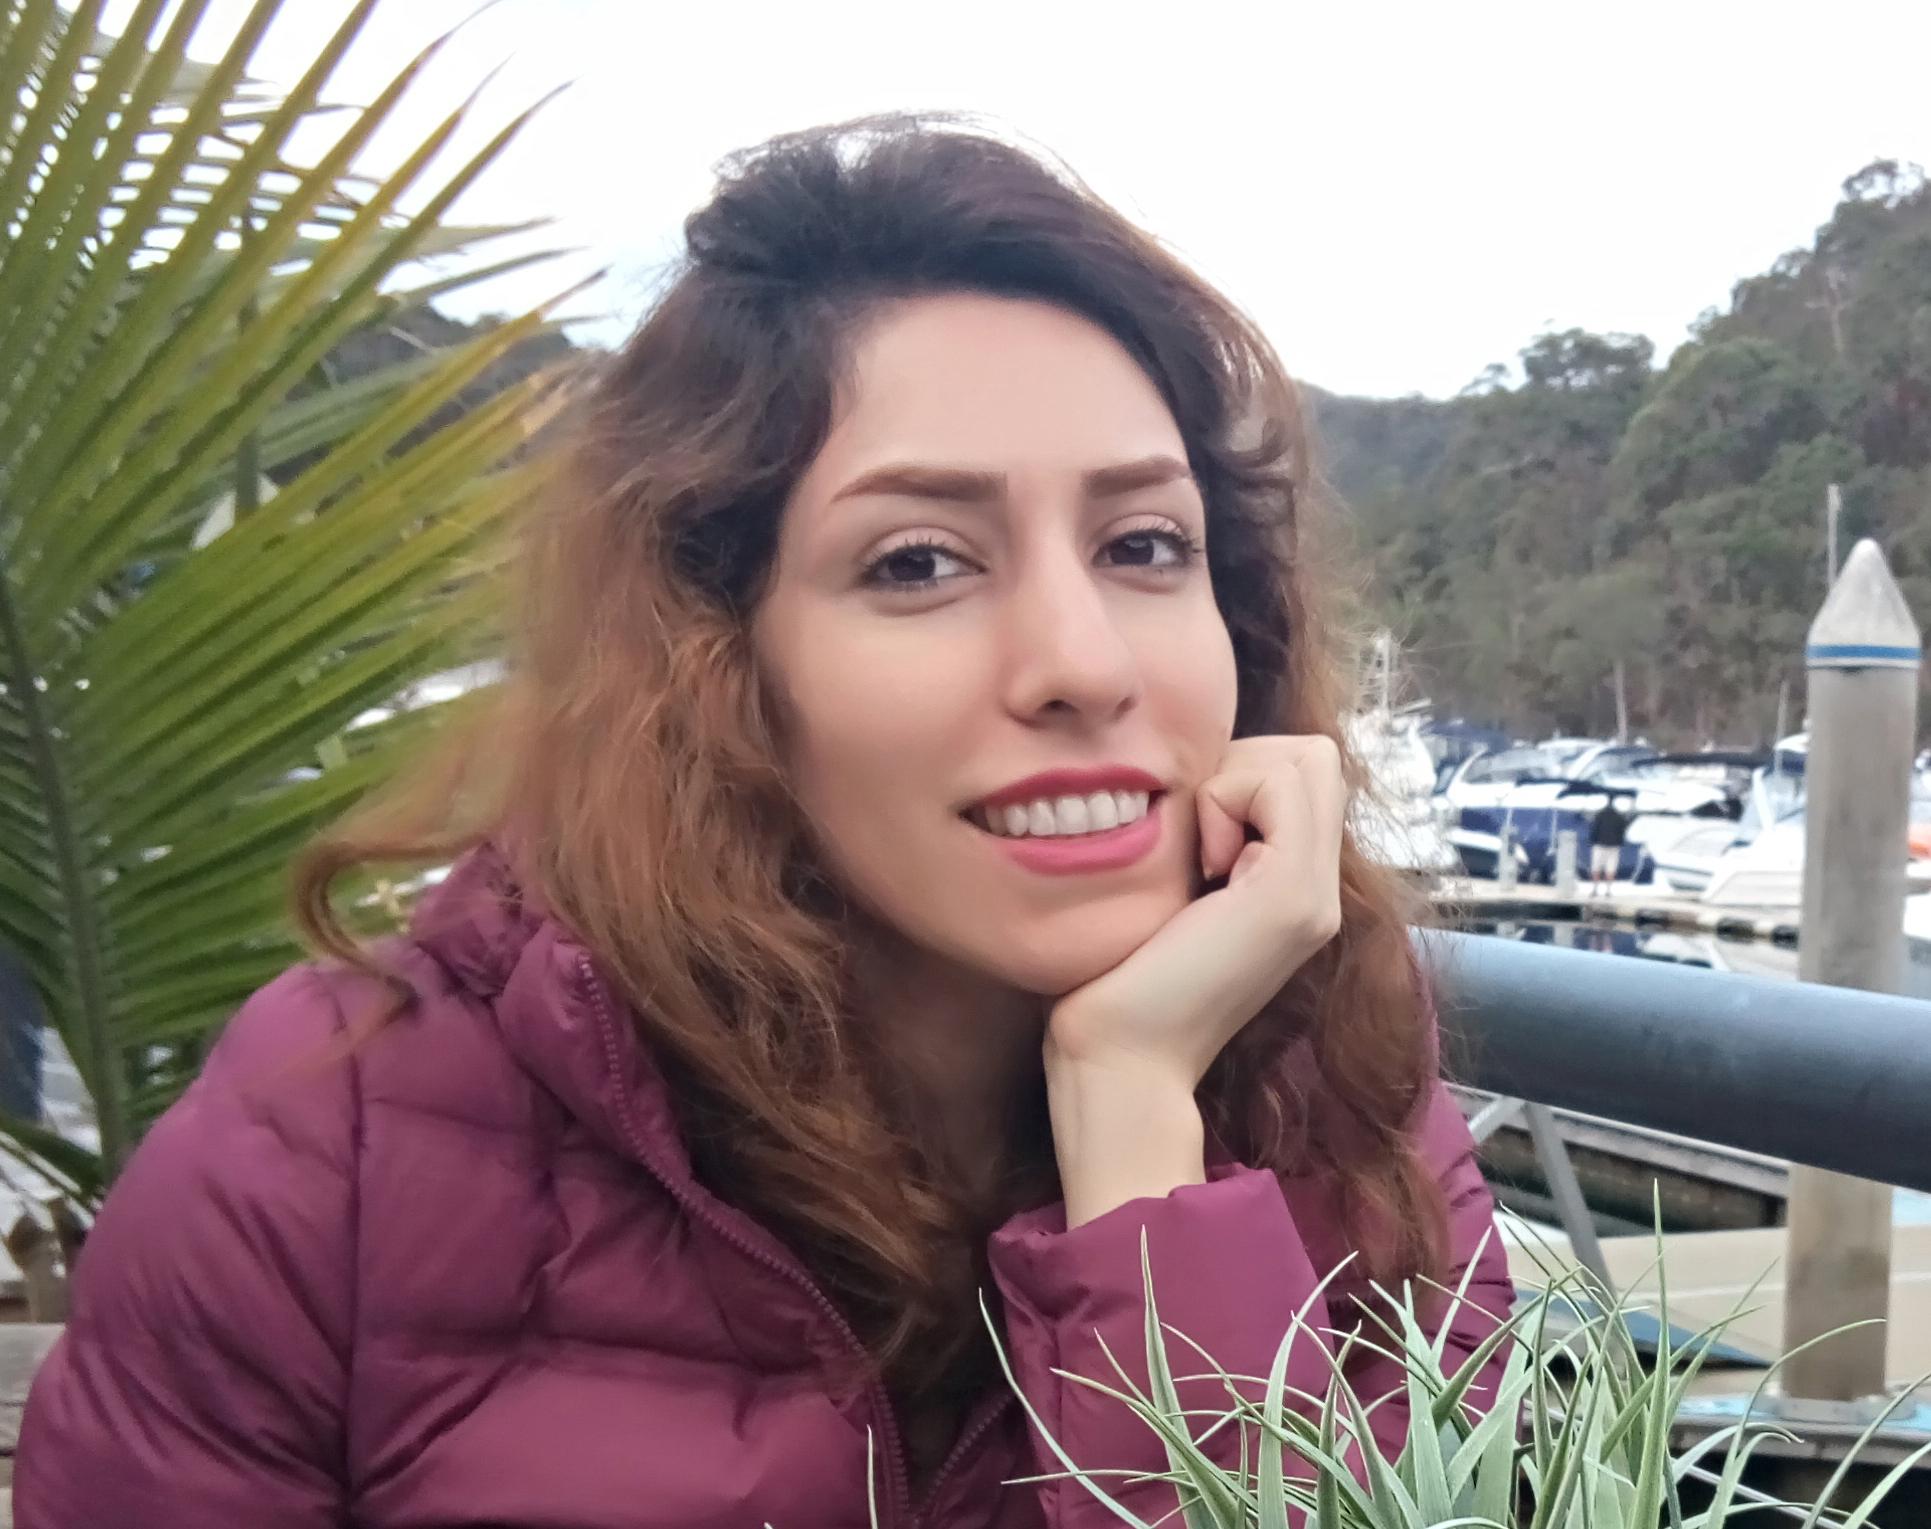 Sima Alizadeh